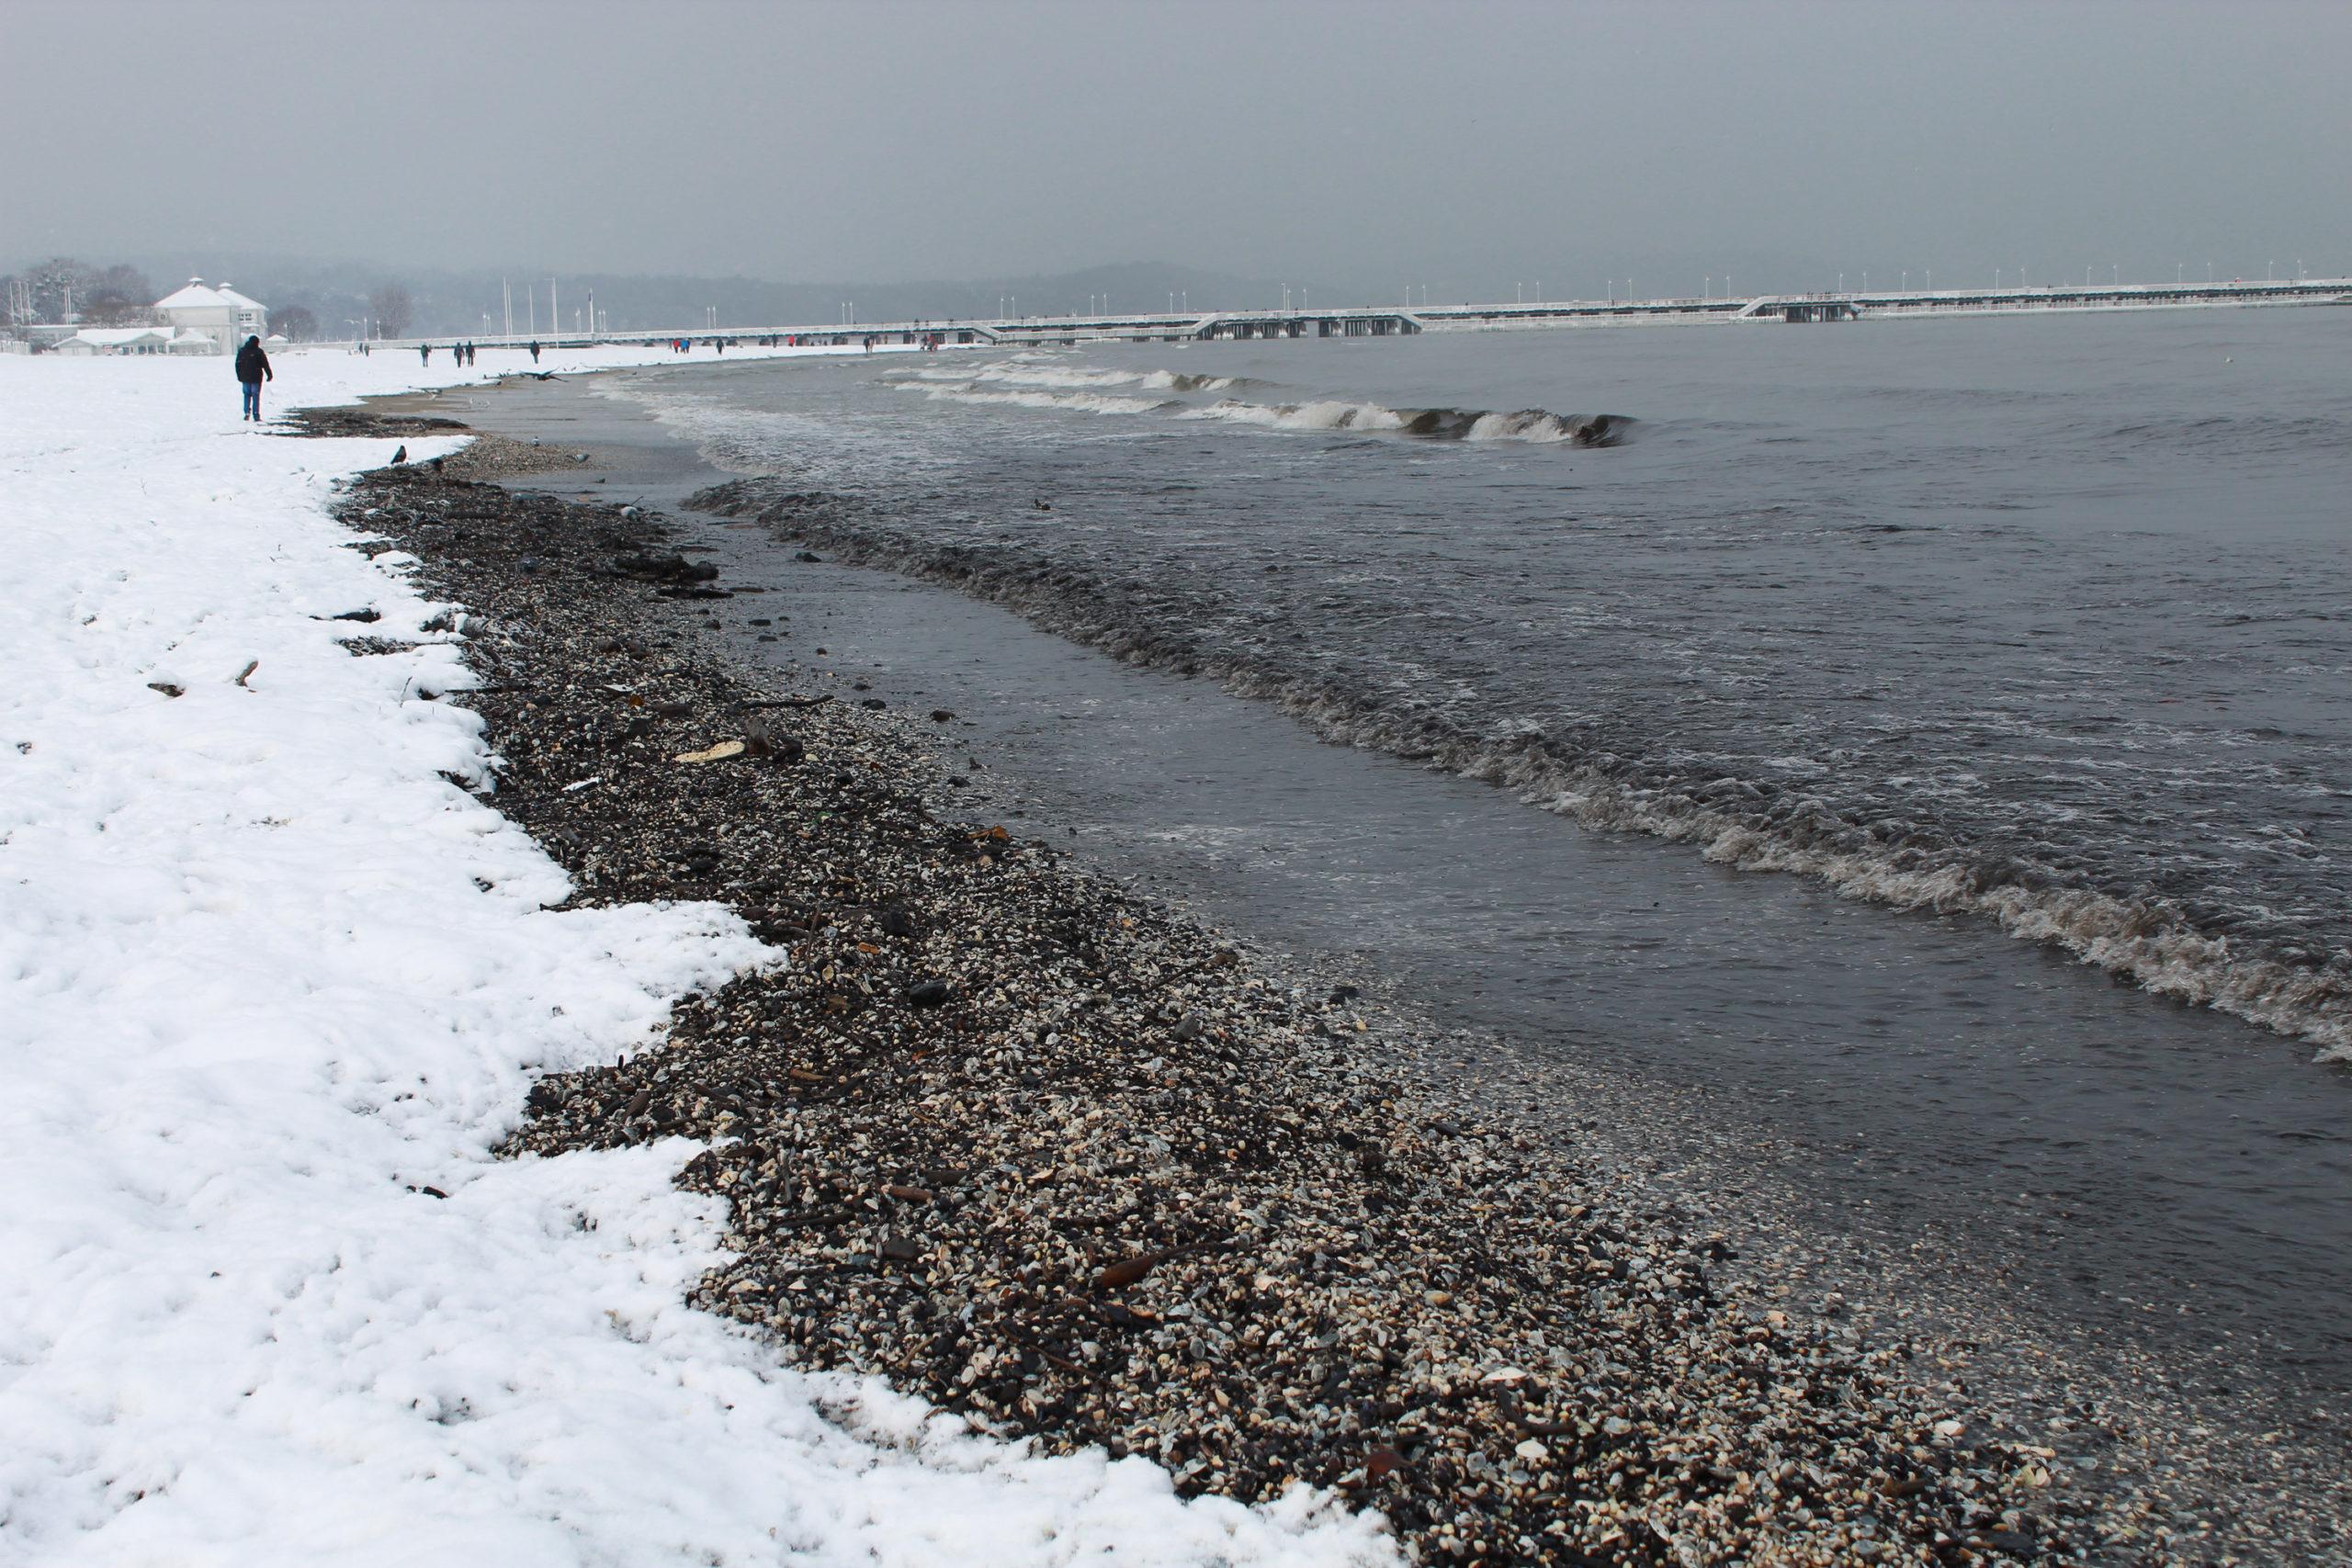 widok na zaśnieżoną plażę